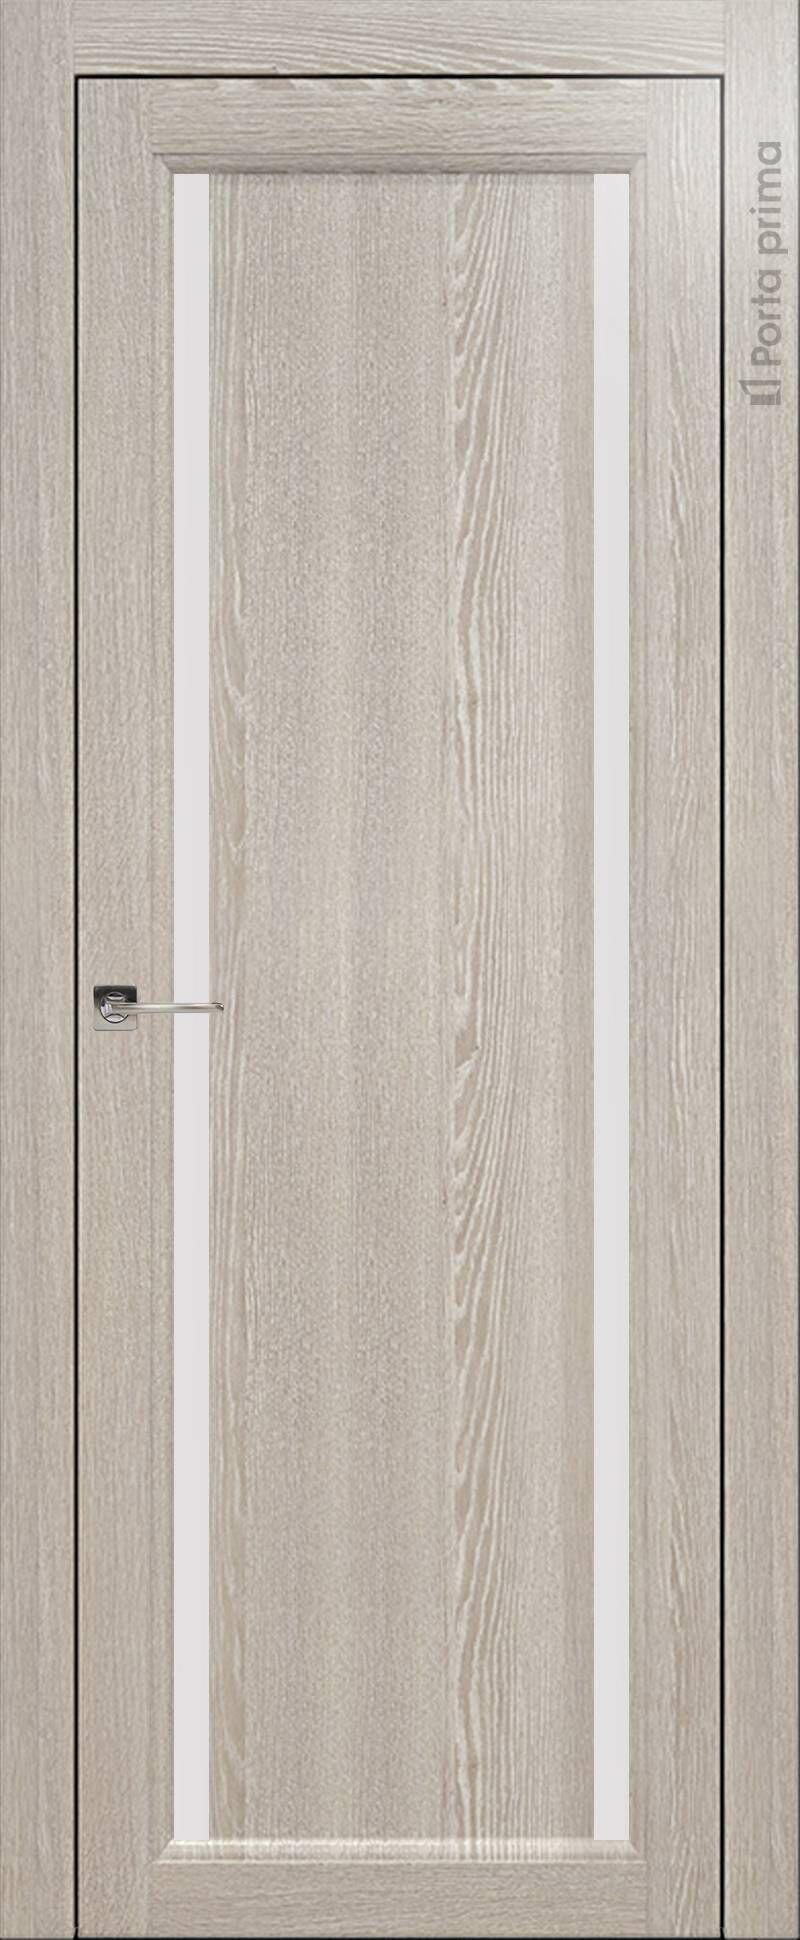 Sorrento-R Ж4 цвет - Серый дуб Без стекла (ДГ)